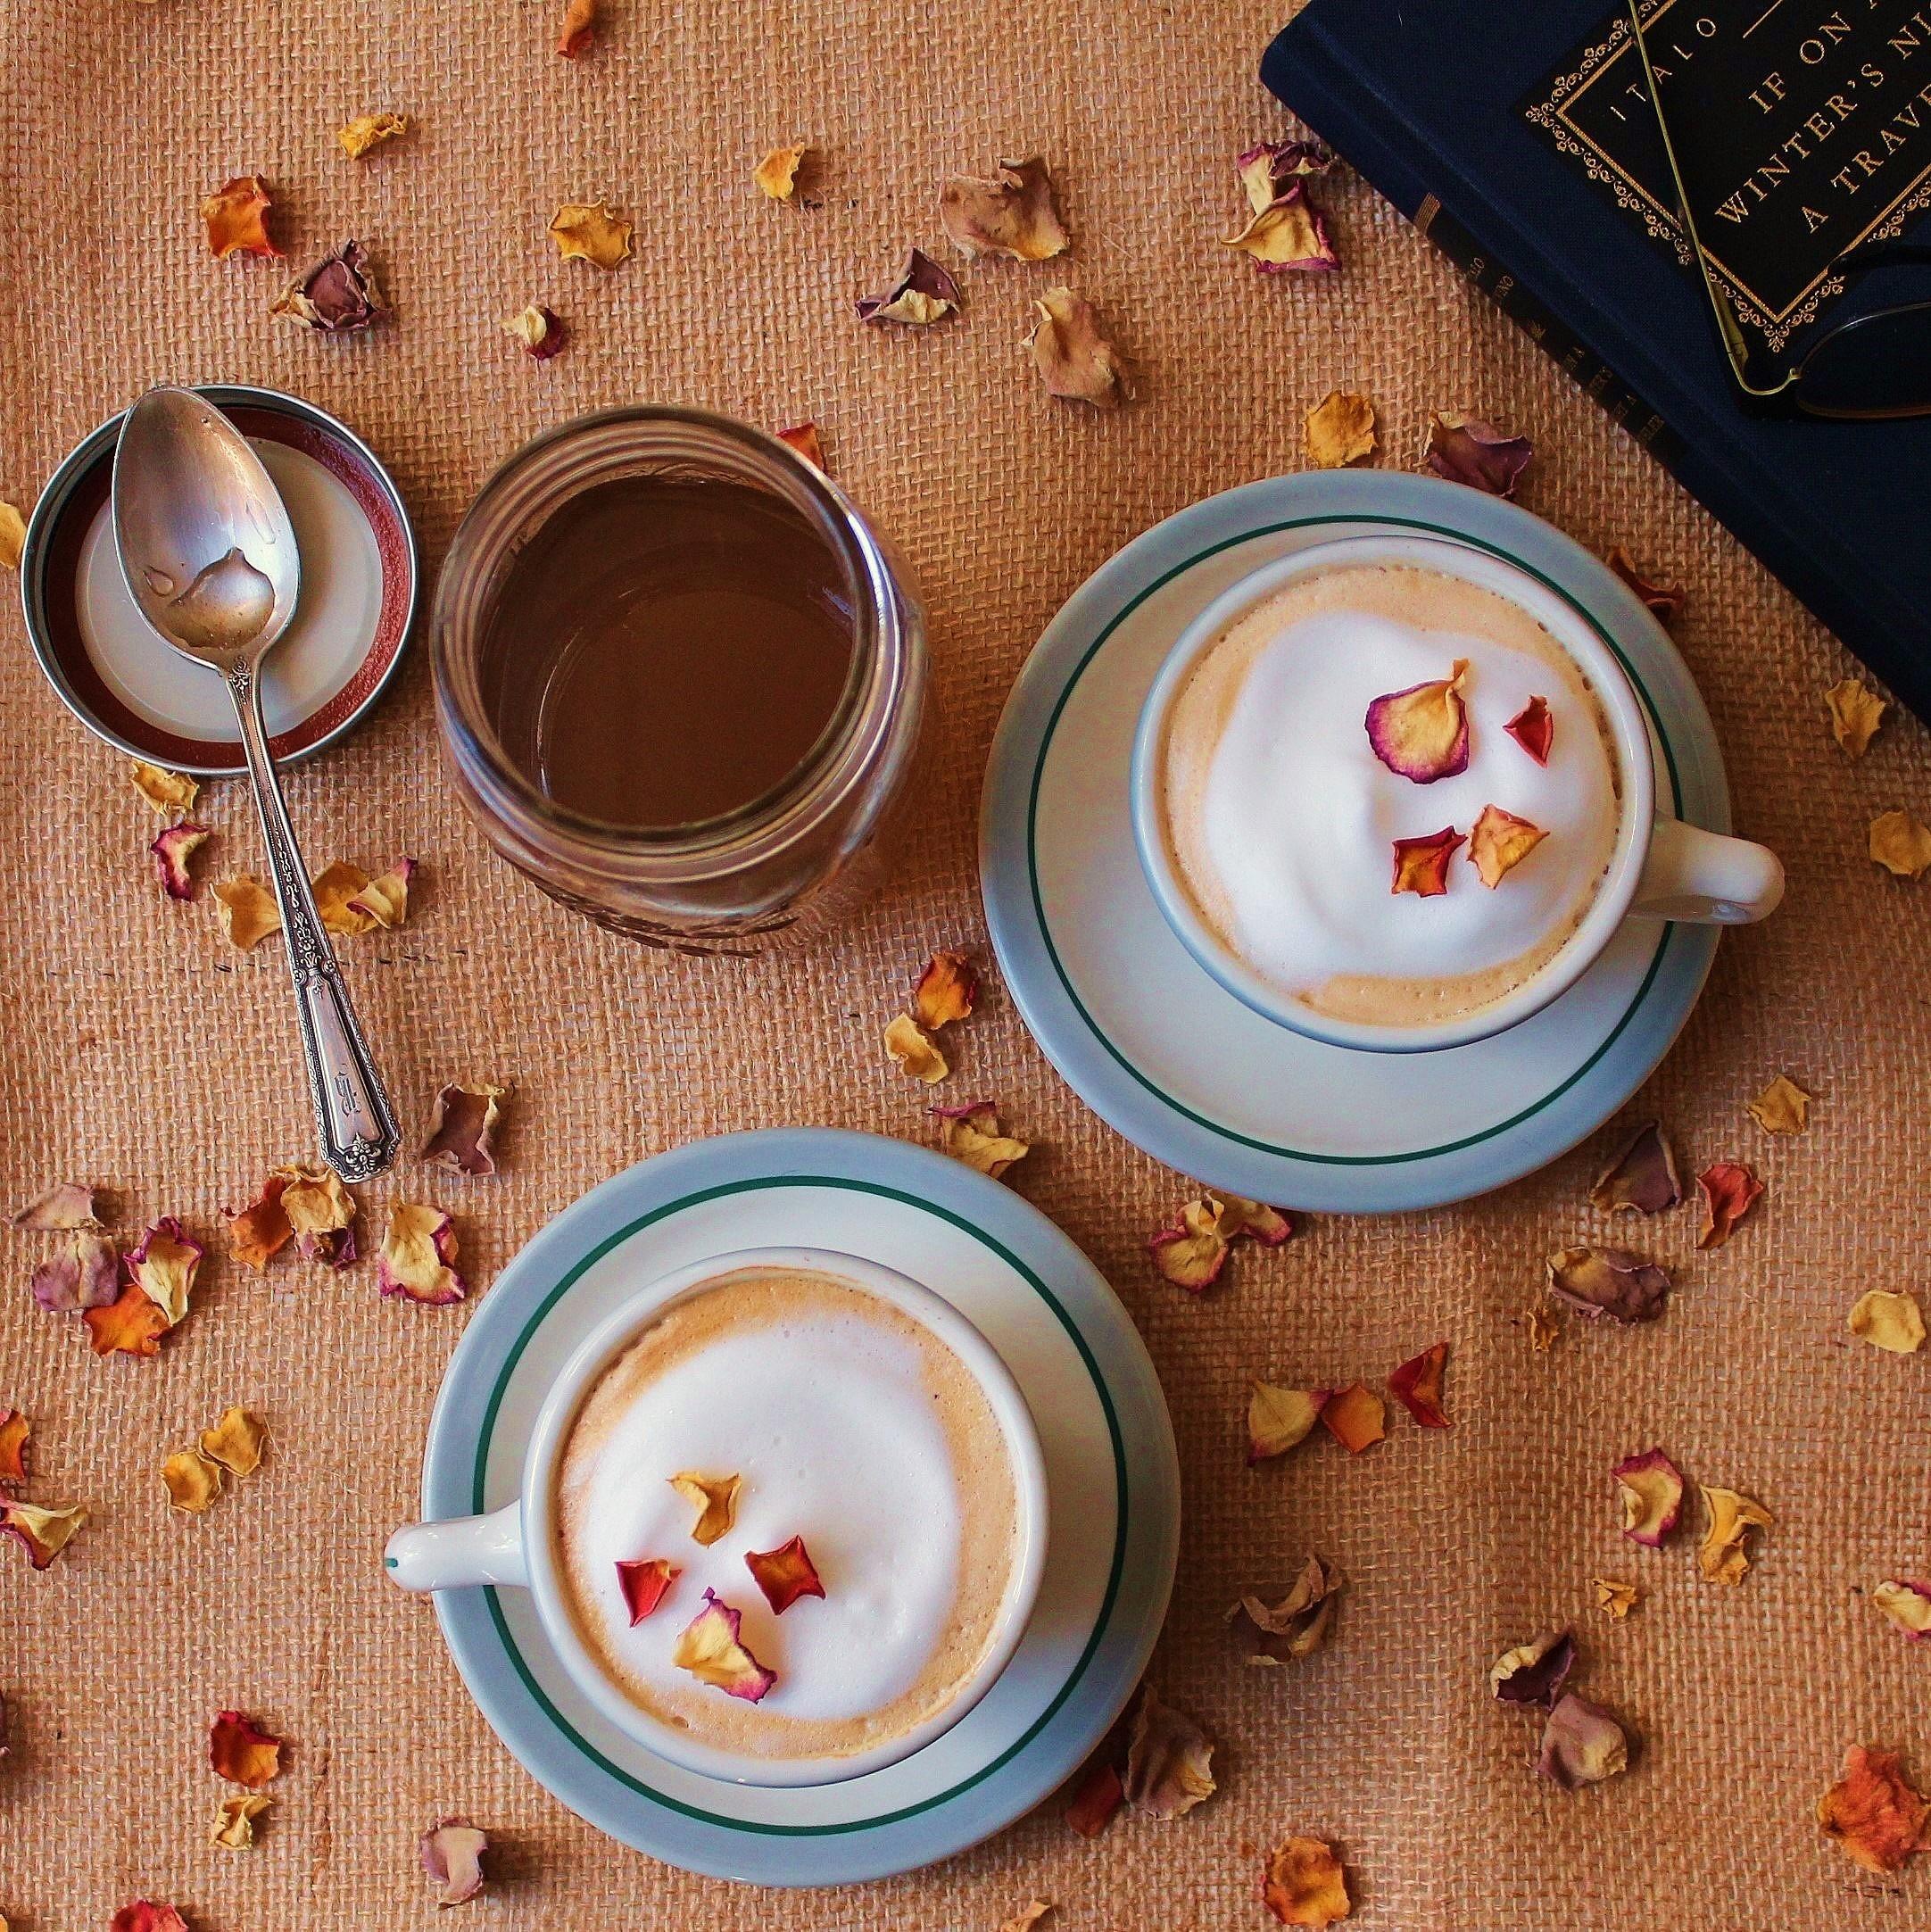 Cardamom Rose latte garnished with rose petals